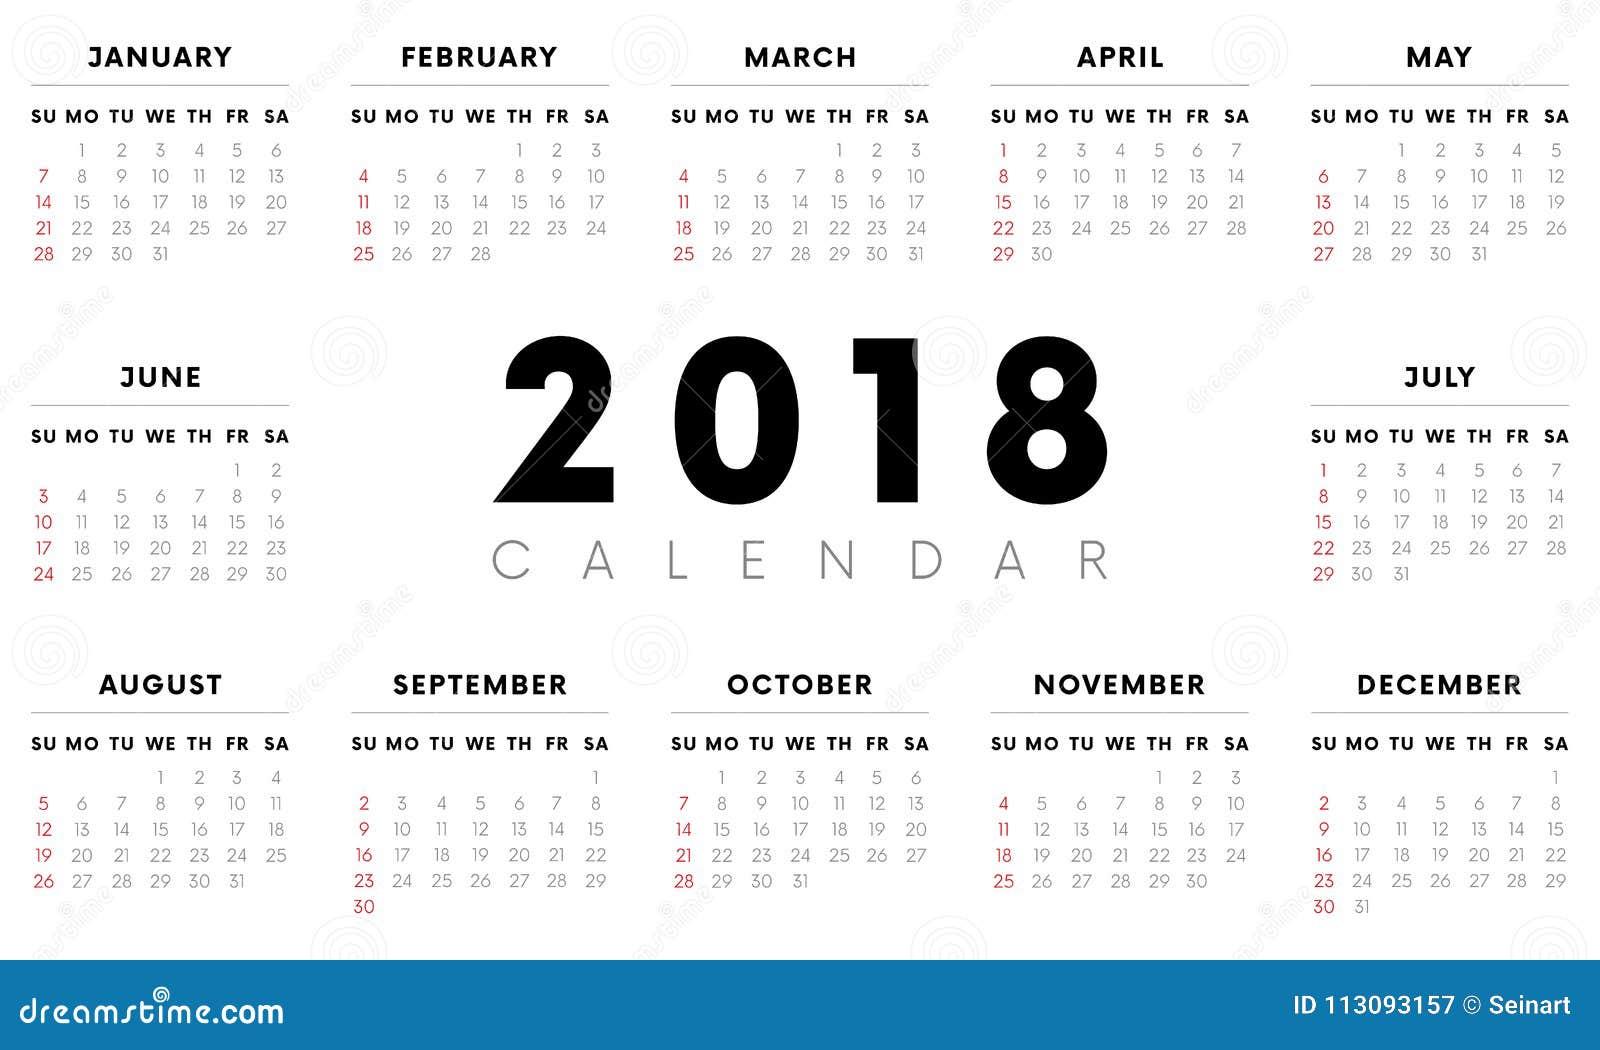 Settimane Calendario.Calendario 2018 Inizio Di Settimane Con Domenica